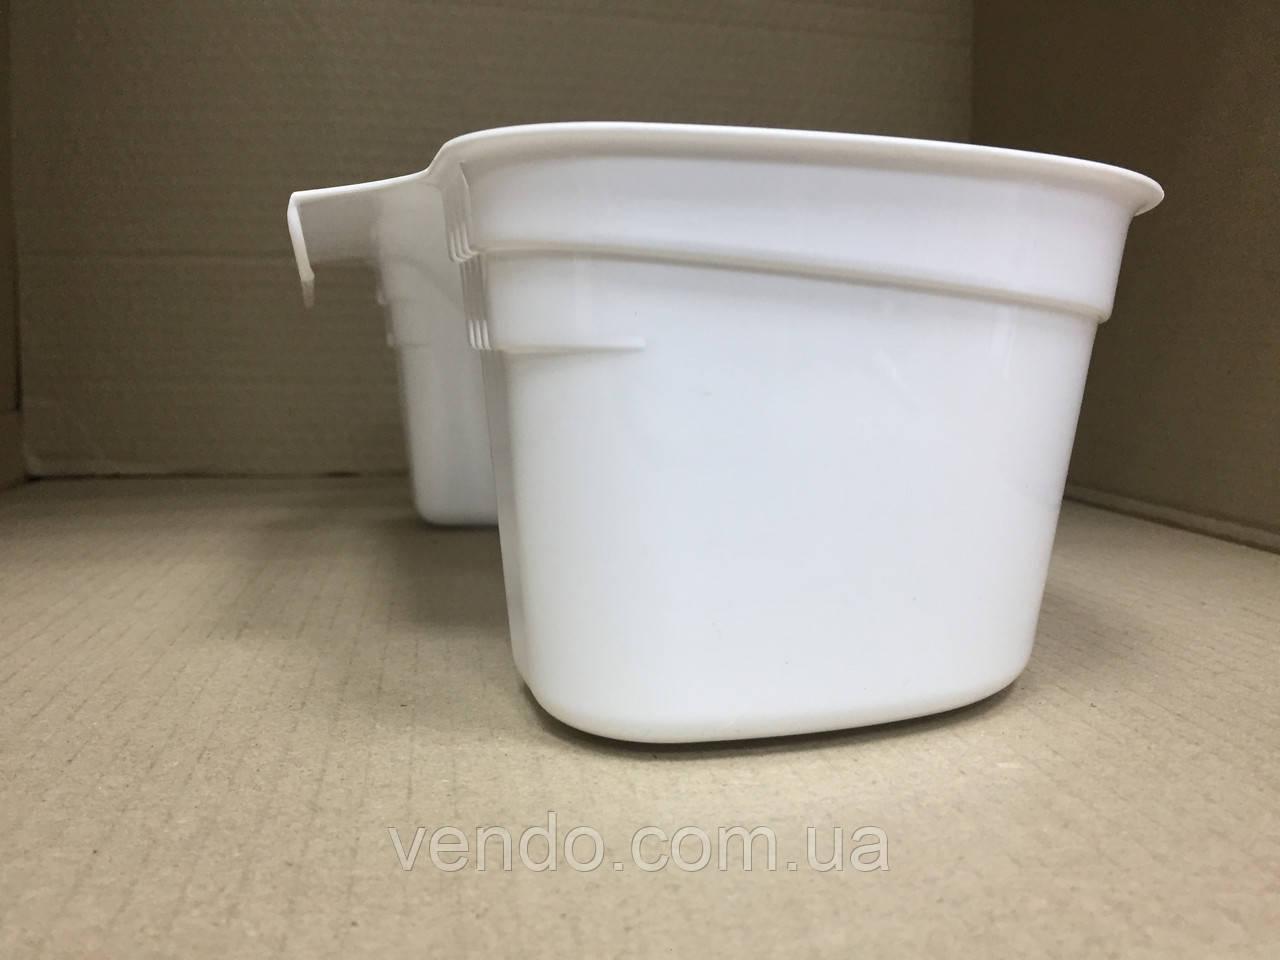 Ведро-контейнер навесное на дверцу мебели для мелкого мусора 5